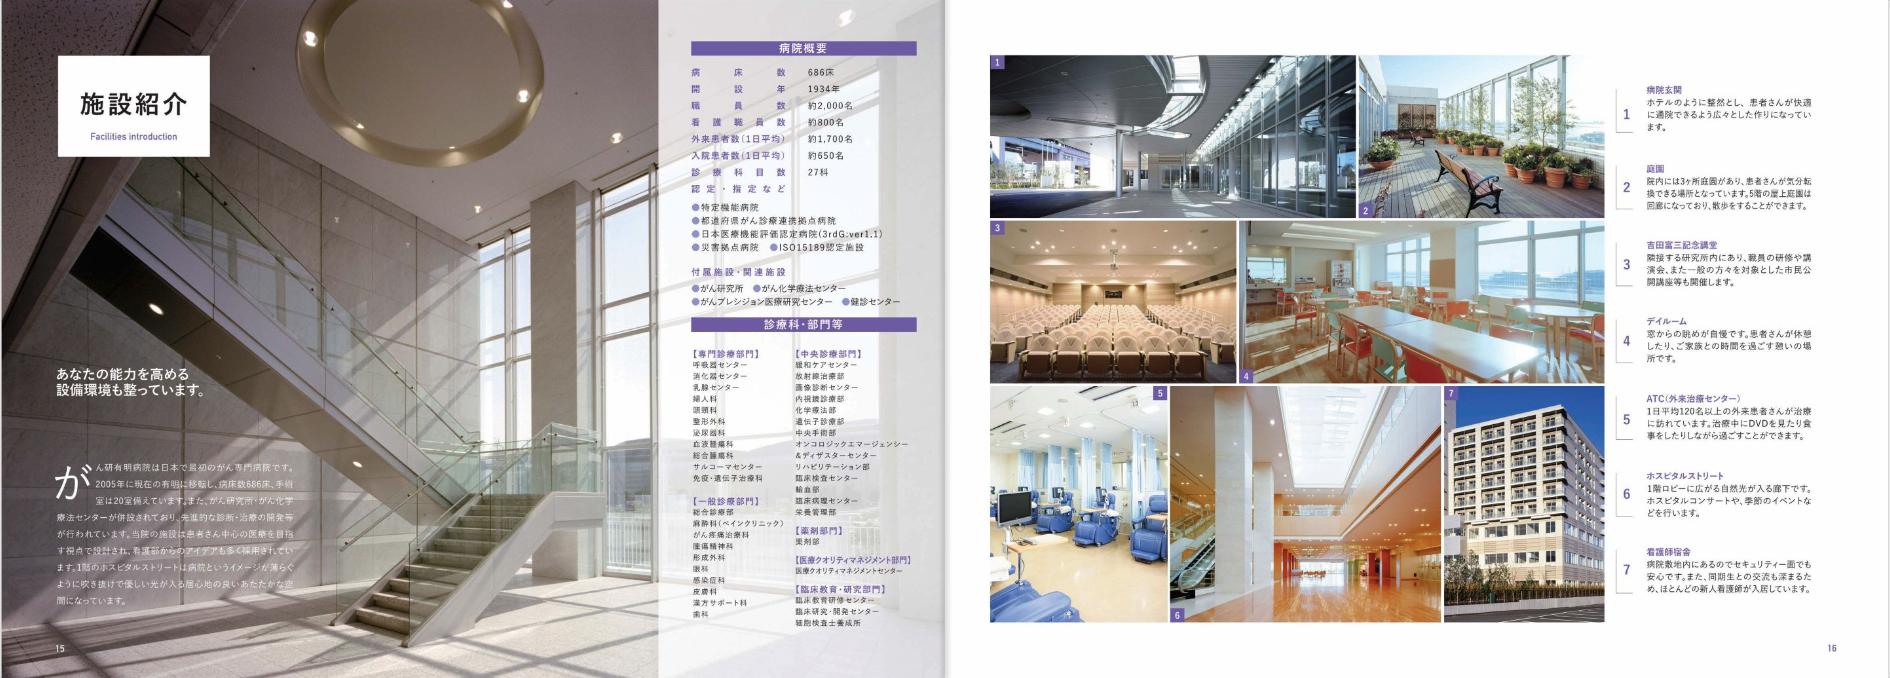 2018年4月作成「がん研有明病院」看護部パンフレット_サブ画像